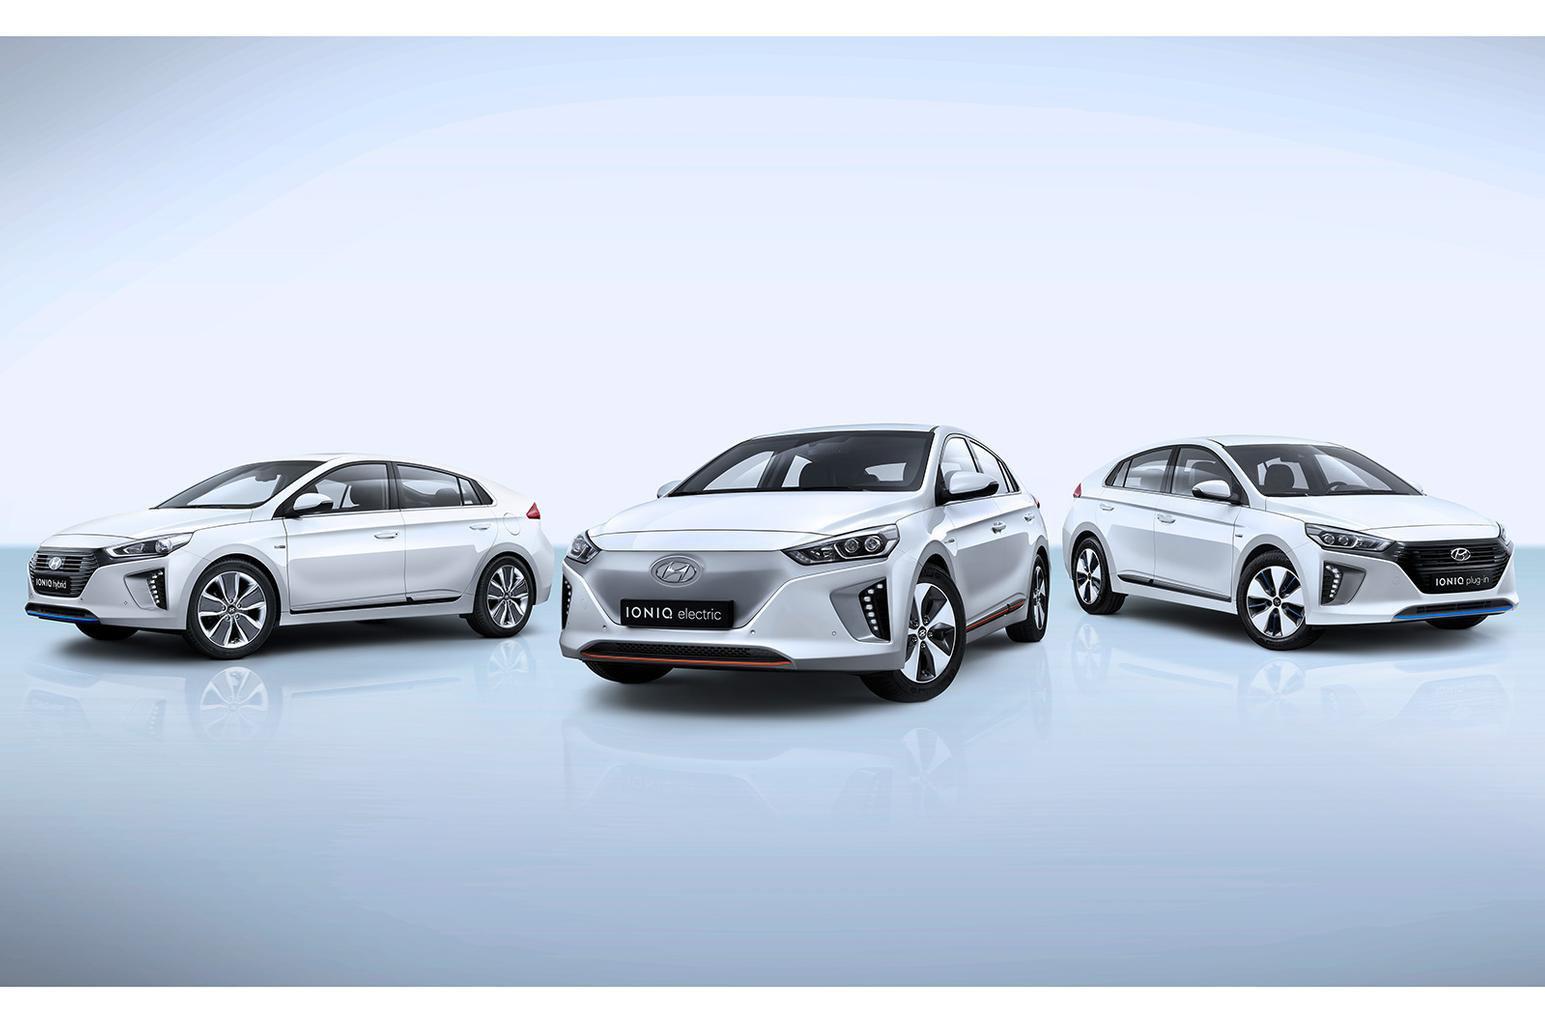 2016 Hyundai Ioniq - exclusive reader test team preview